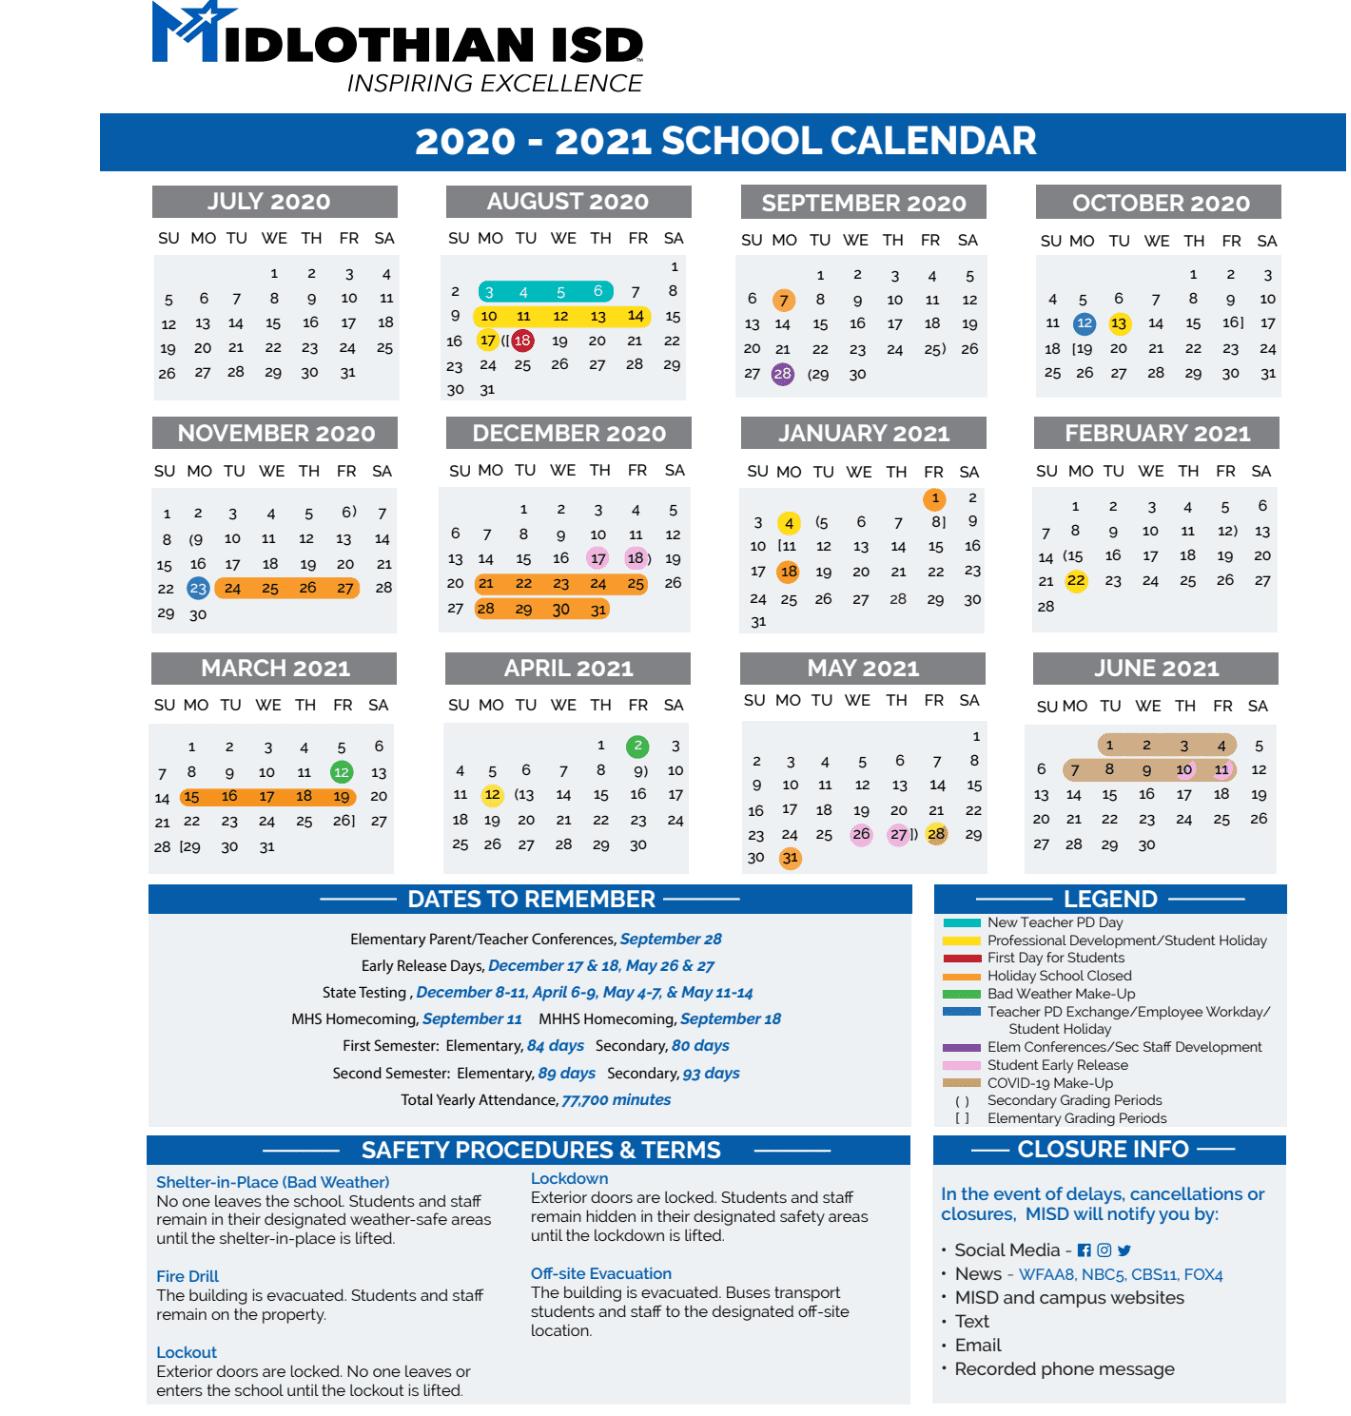 Midlothian Isd 2021 2022 Calendar | Printable March Throughout Texas Tech School Calendar 2020 2021